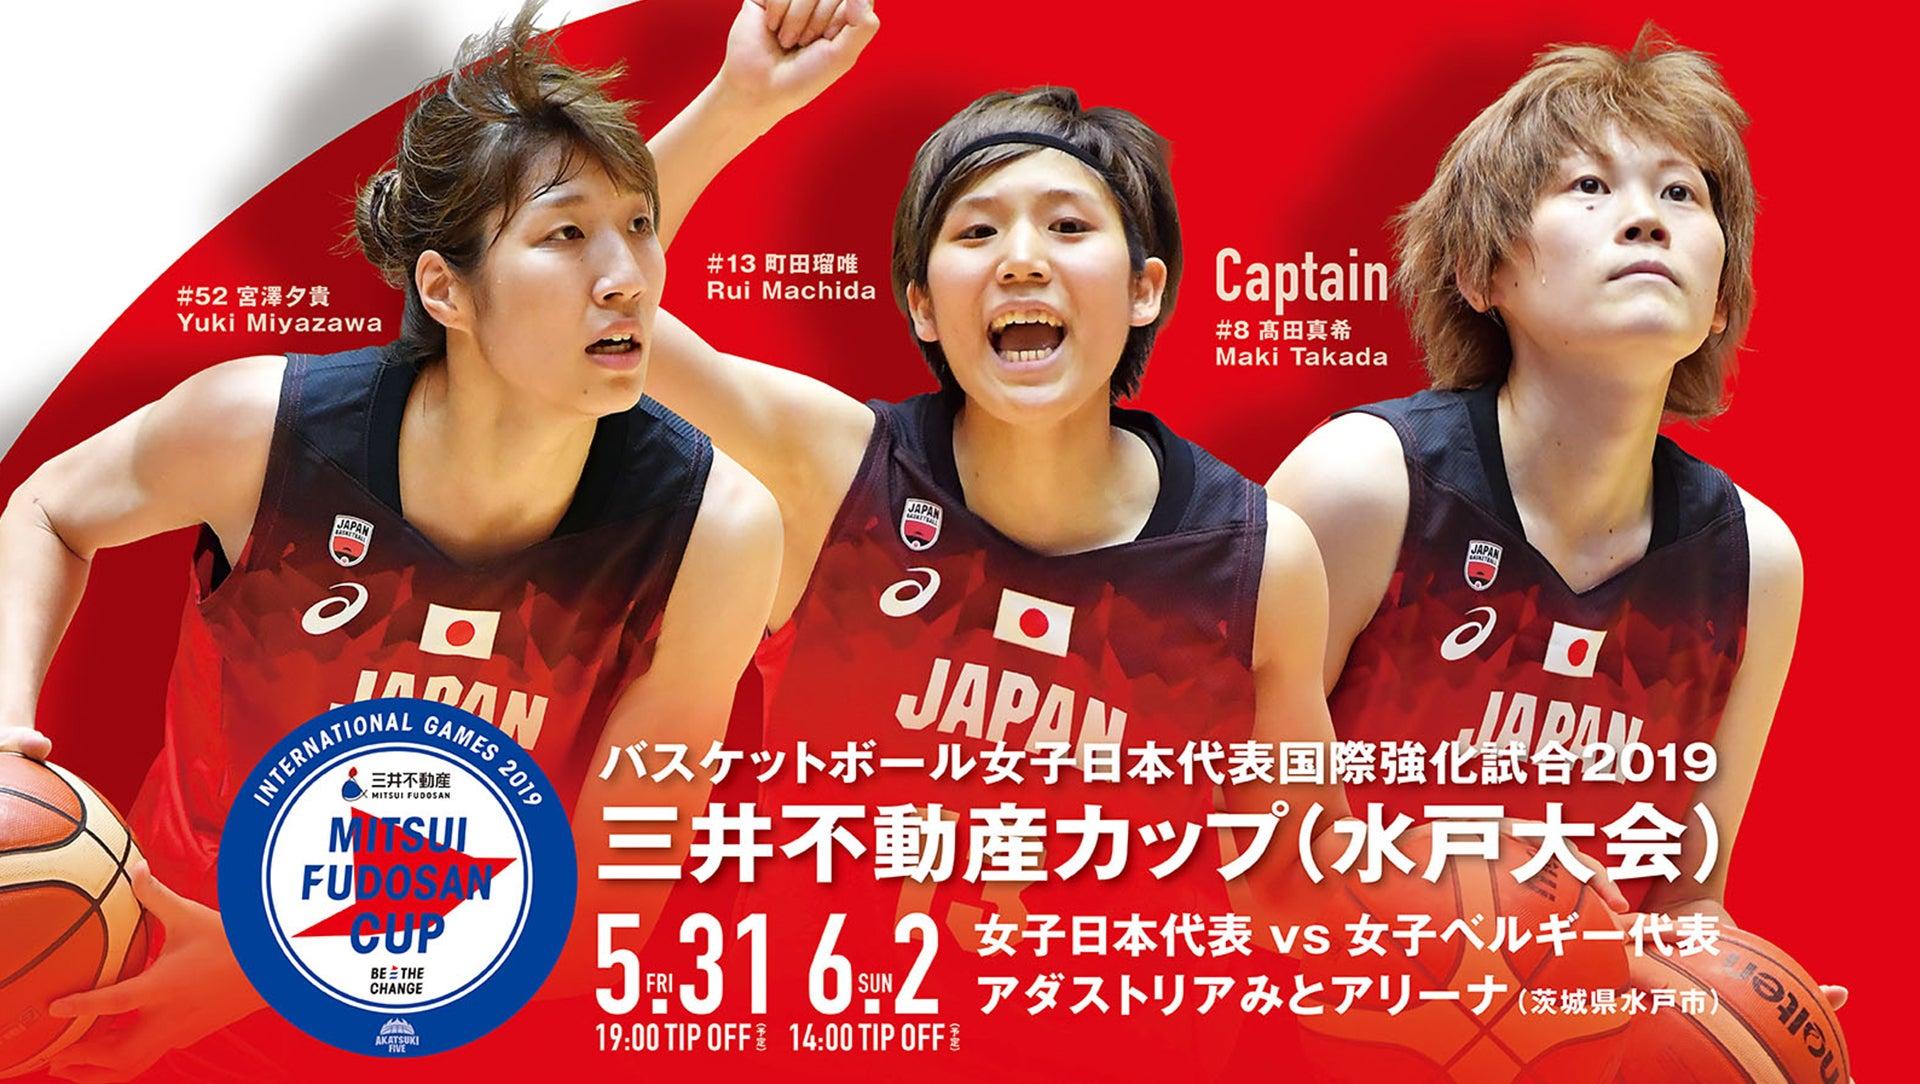 バスケットボール女子日本代表国際強化試合2019 三井不動産カップ(水戸大会)